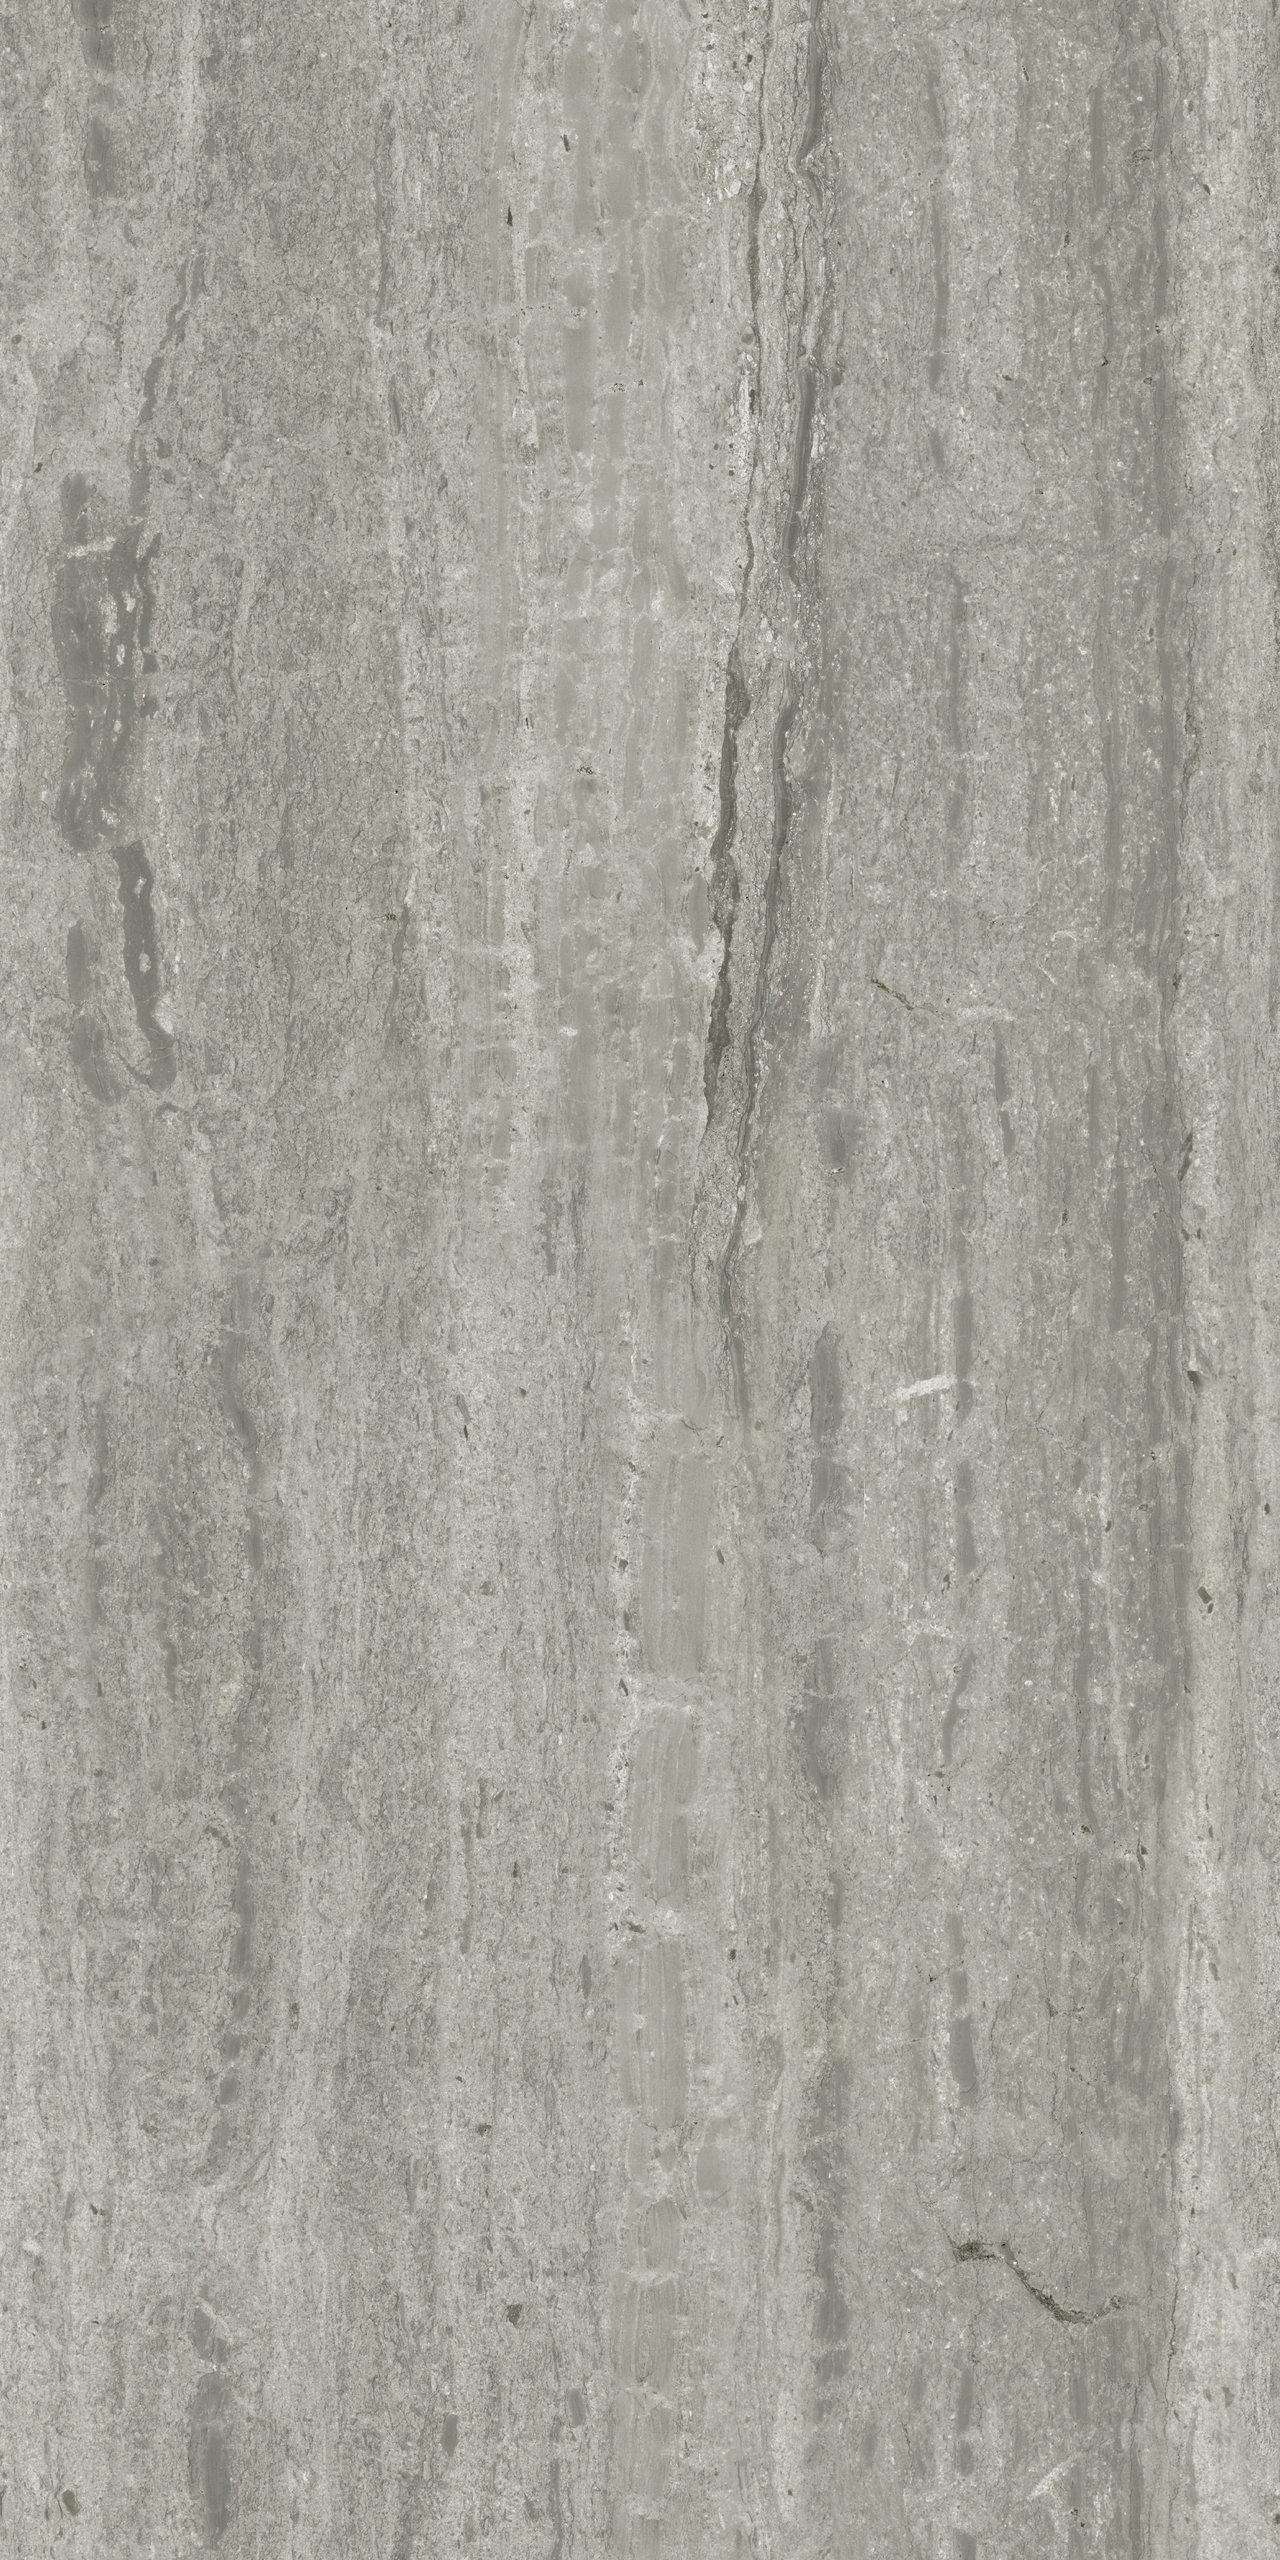 sp tt travertino grigio nat 3030 f1 USG3030198